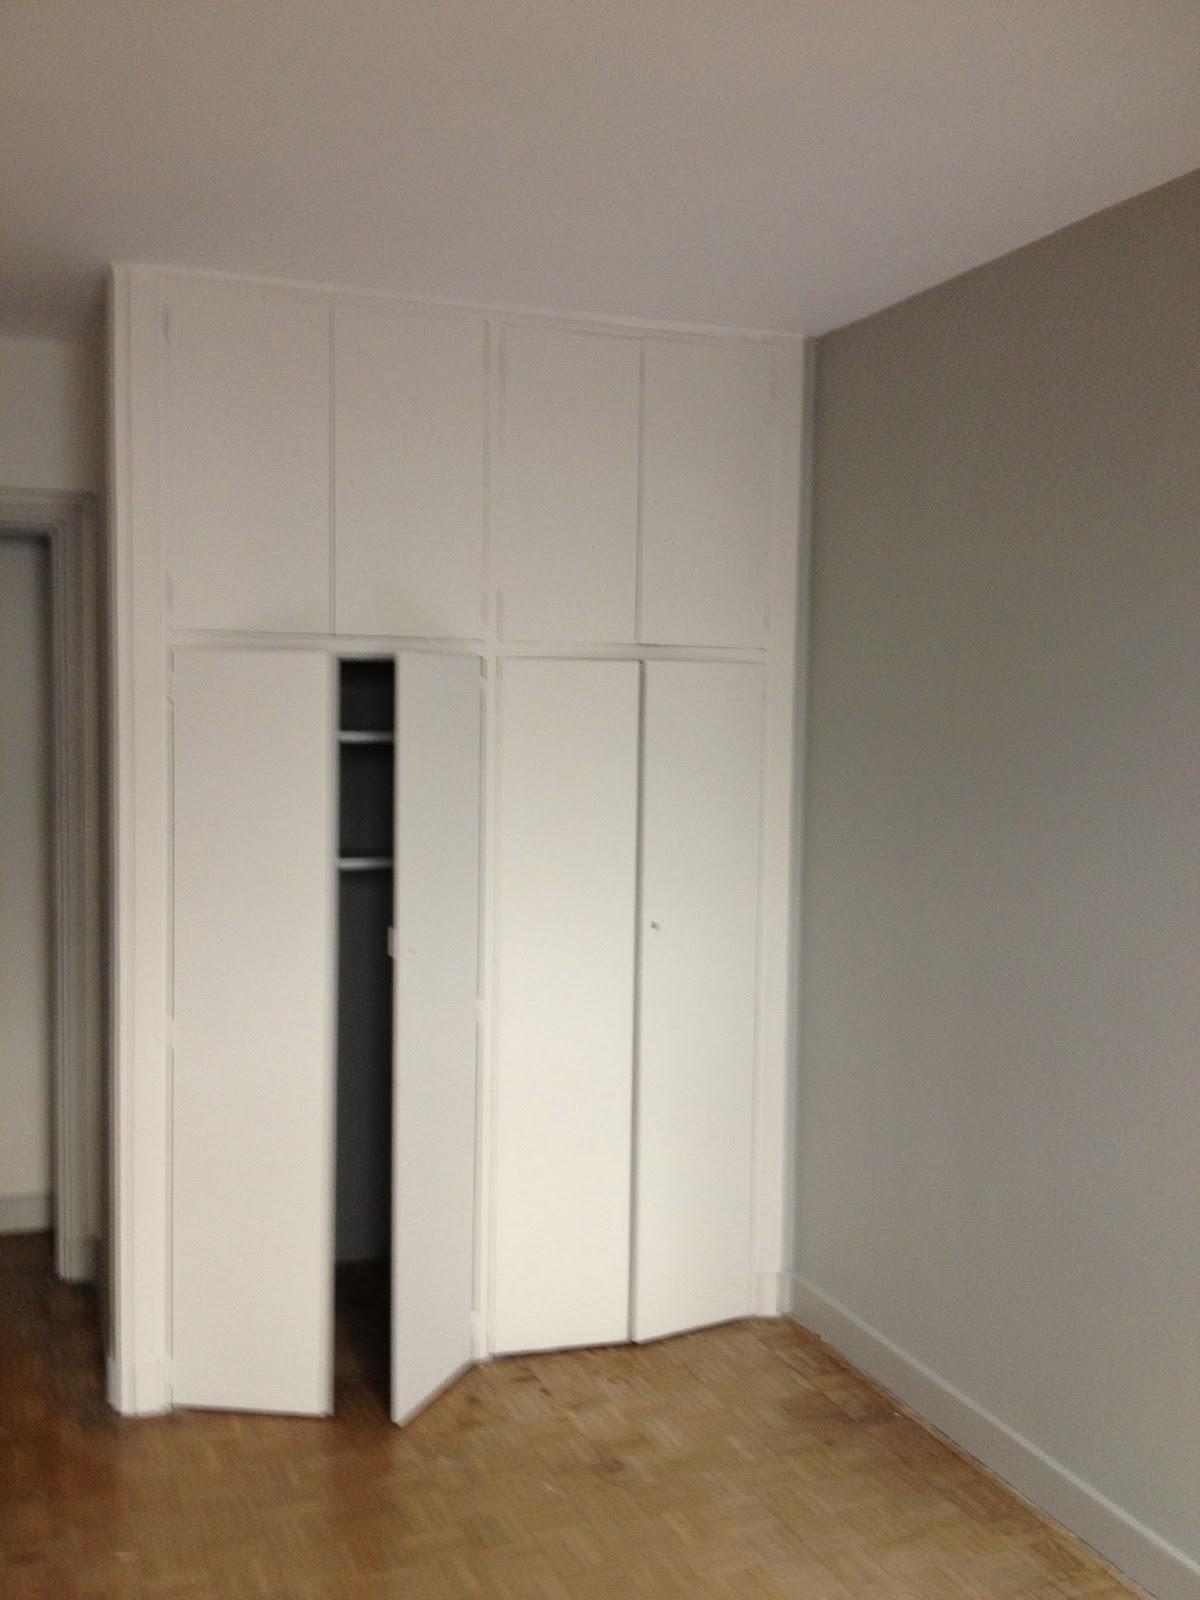 prix discount renovation peinture et ou restauration parquet appartement montreuil meilleur. Black Bedroom Furniture Sets. Home Design Ideas